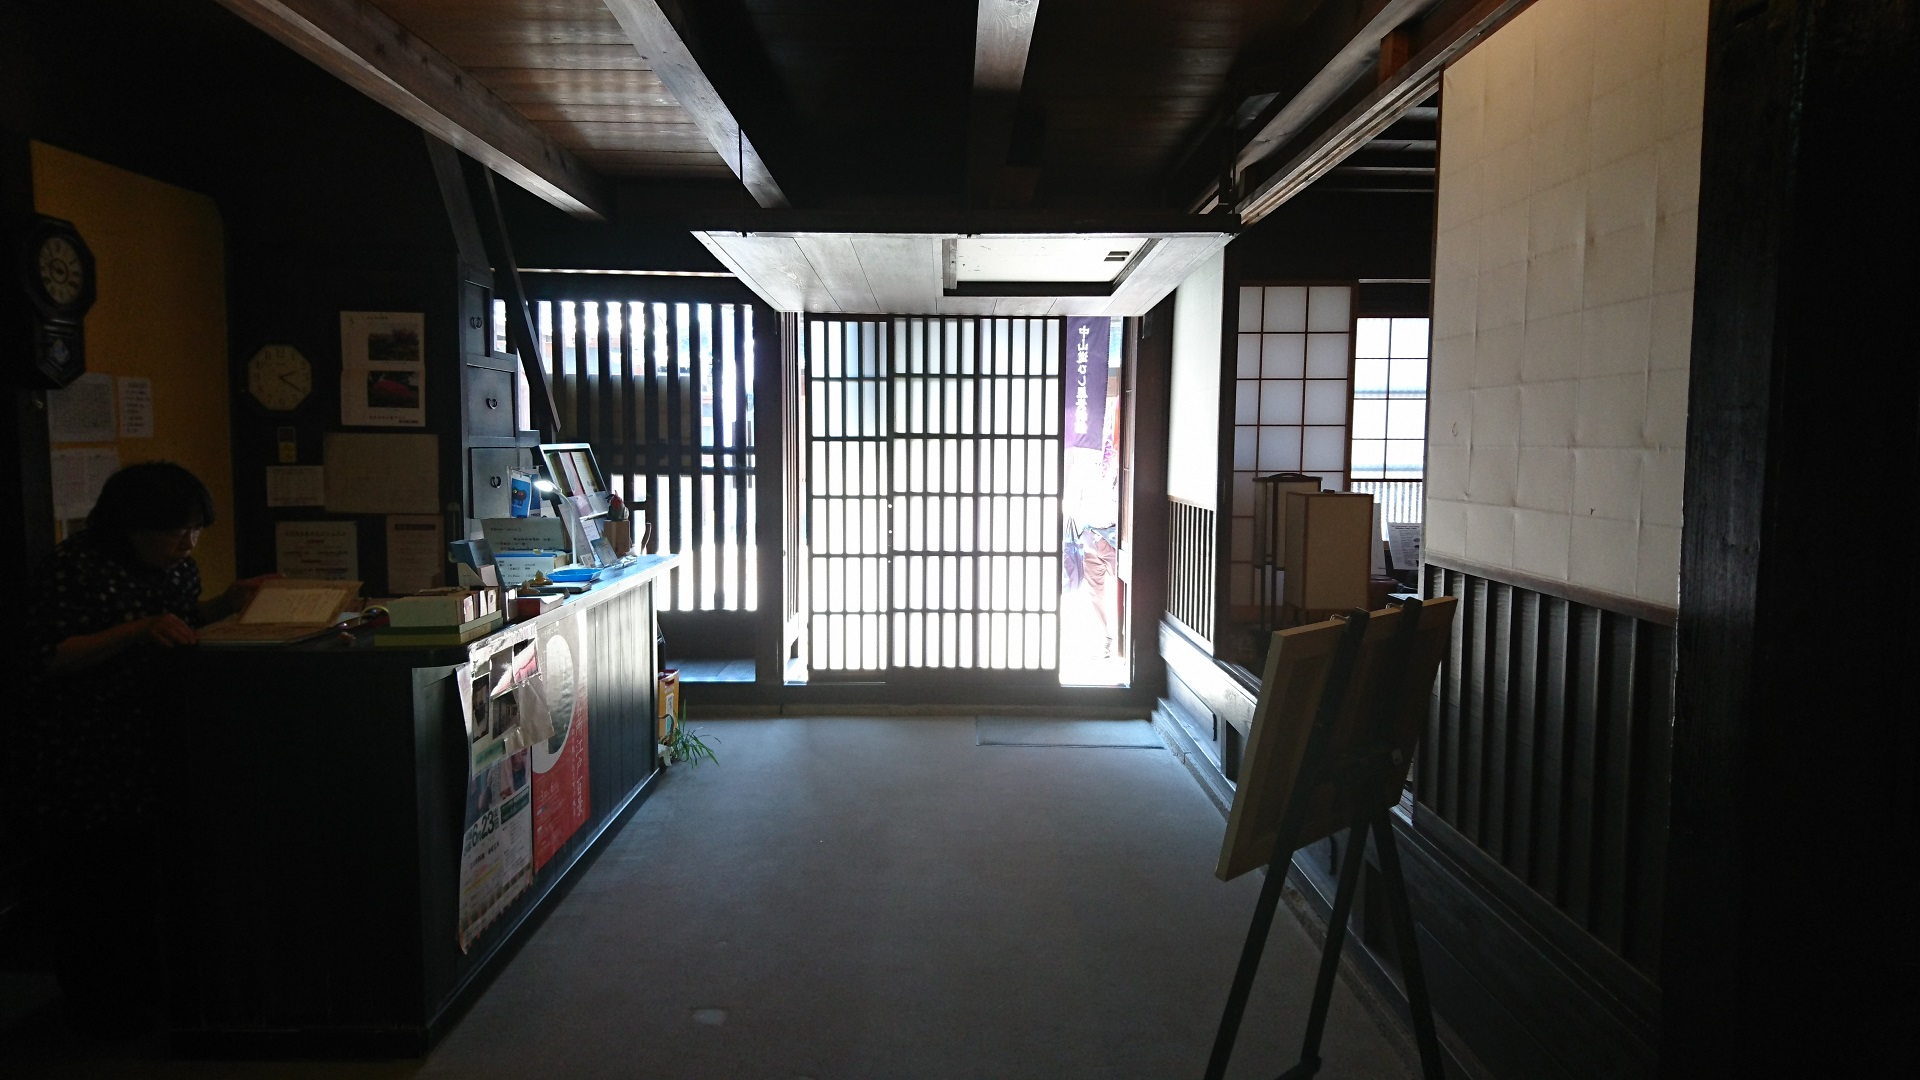 2017.5.19 大井 (69) 中山道ひし屋資料館 - 玄関(はねあげおおど) 1920-1080